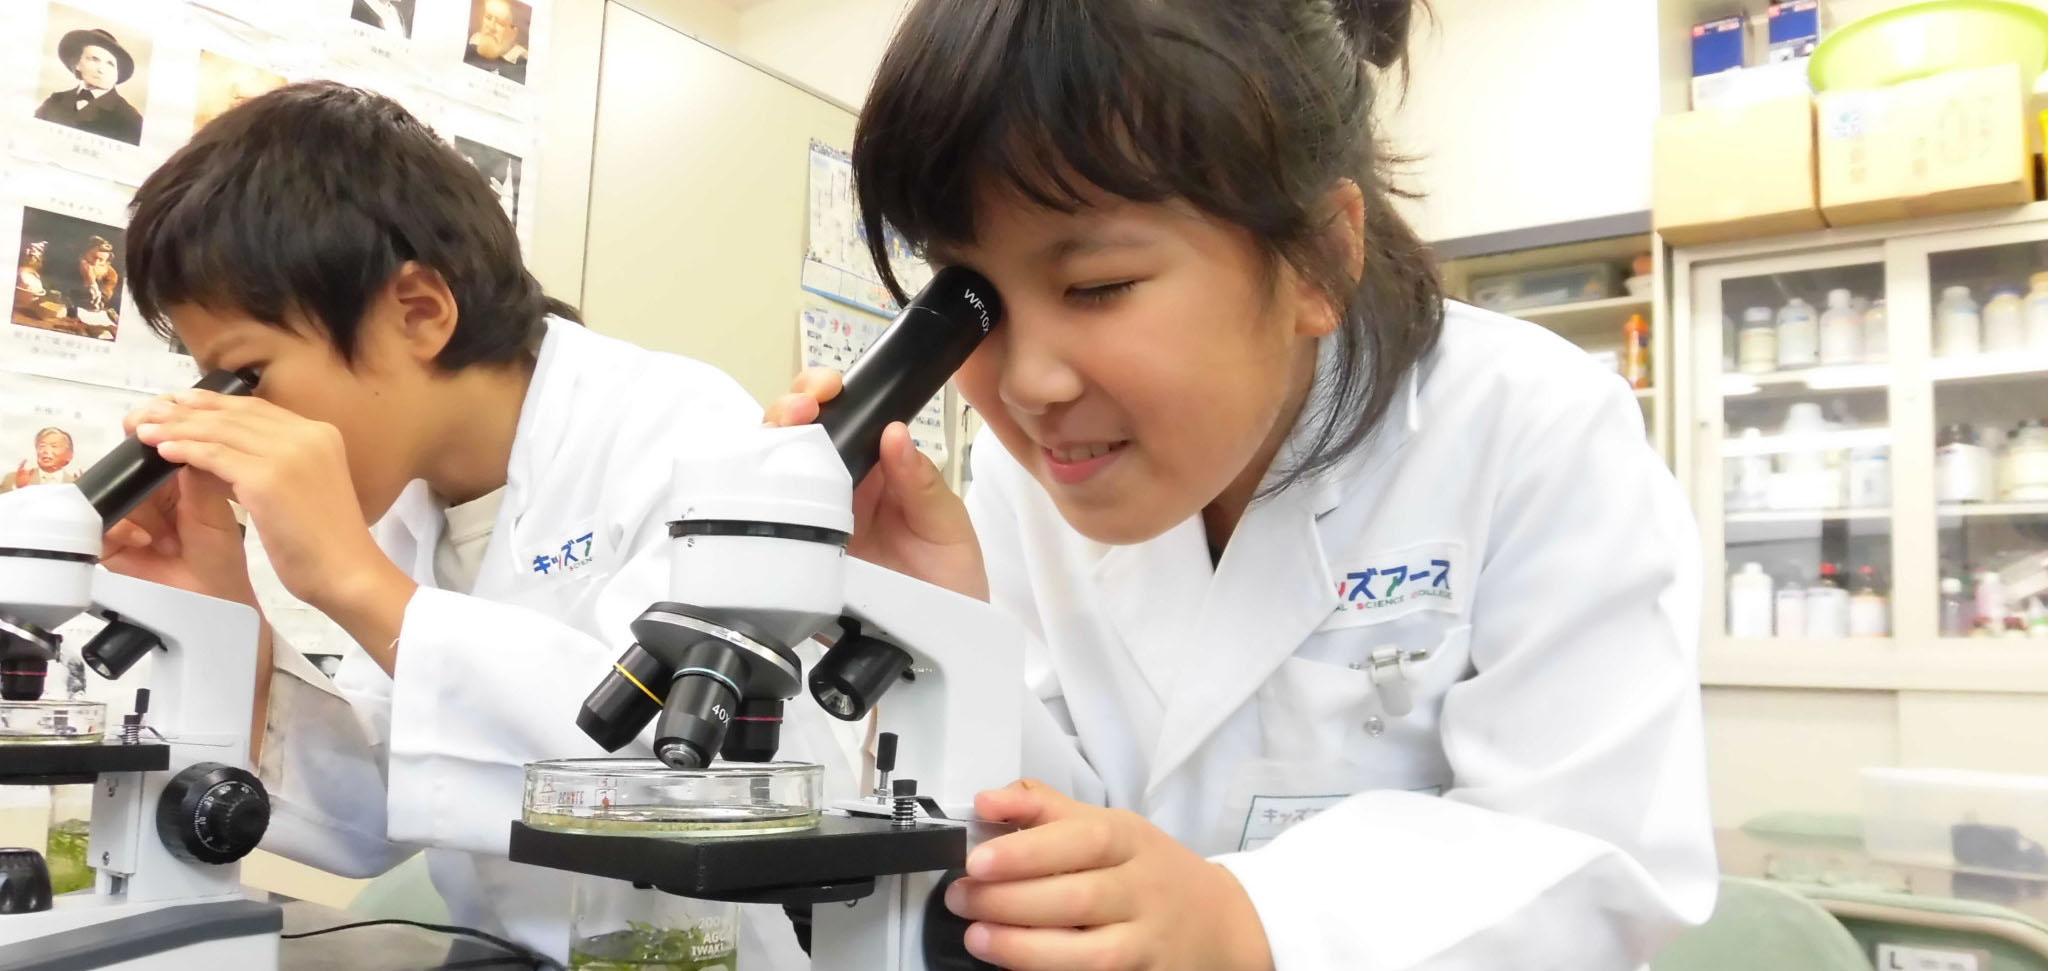 理数脳を育てる理科実験教室